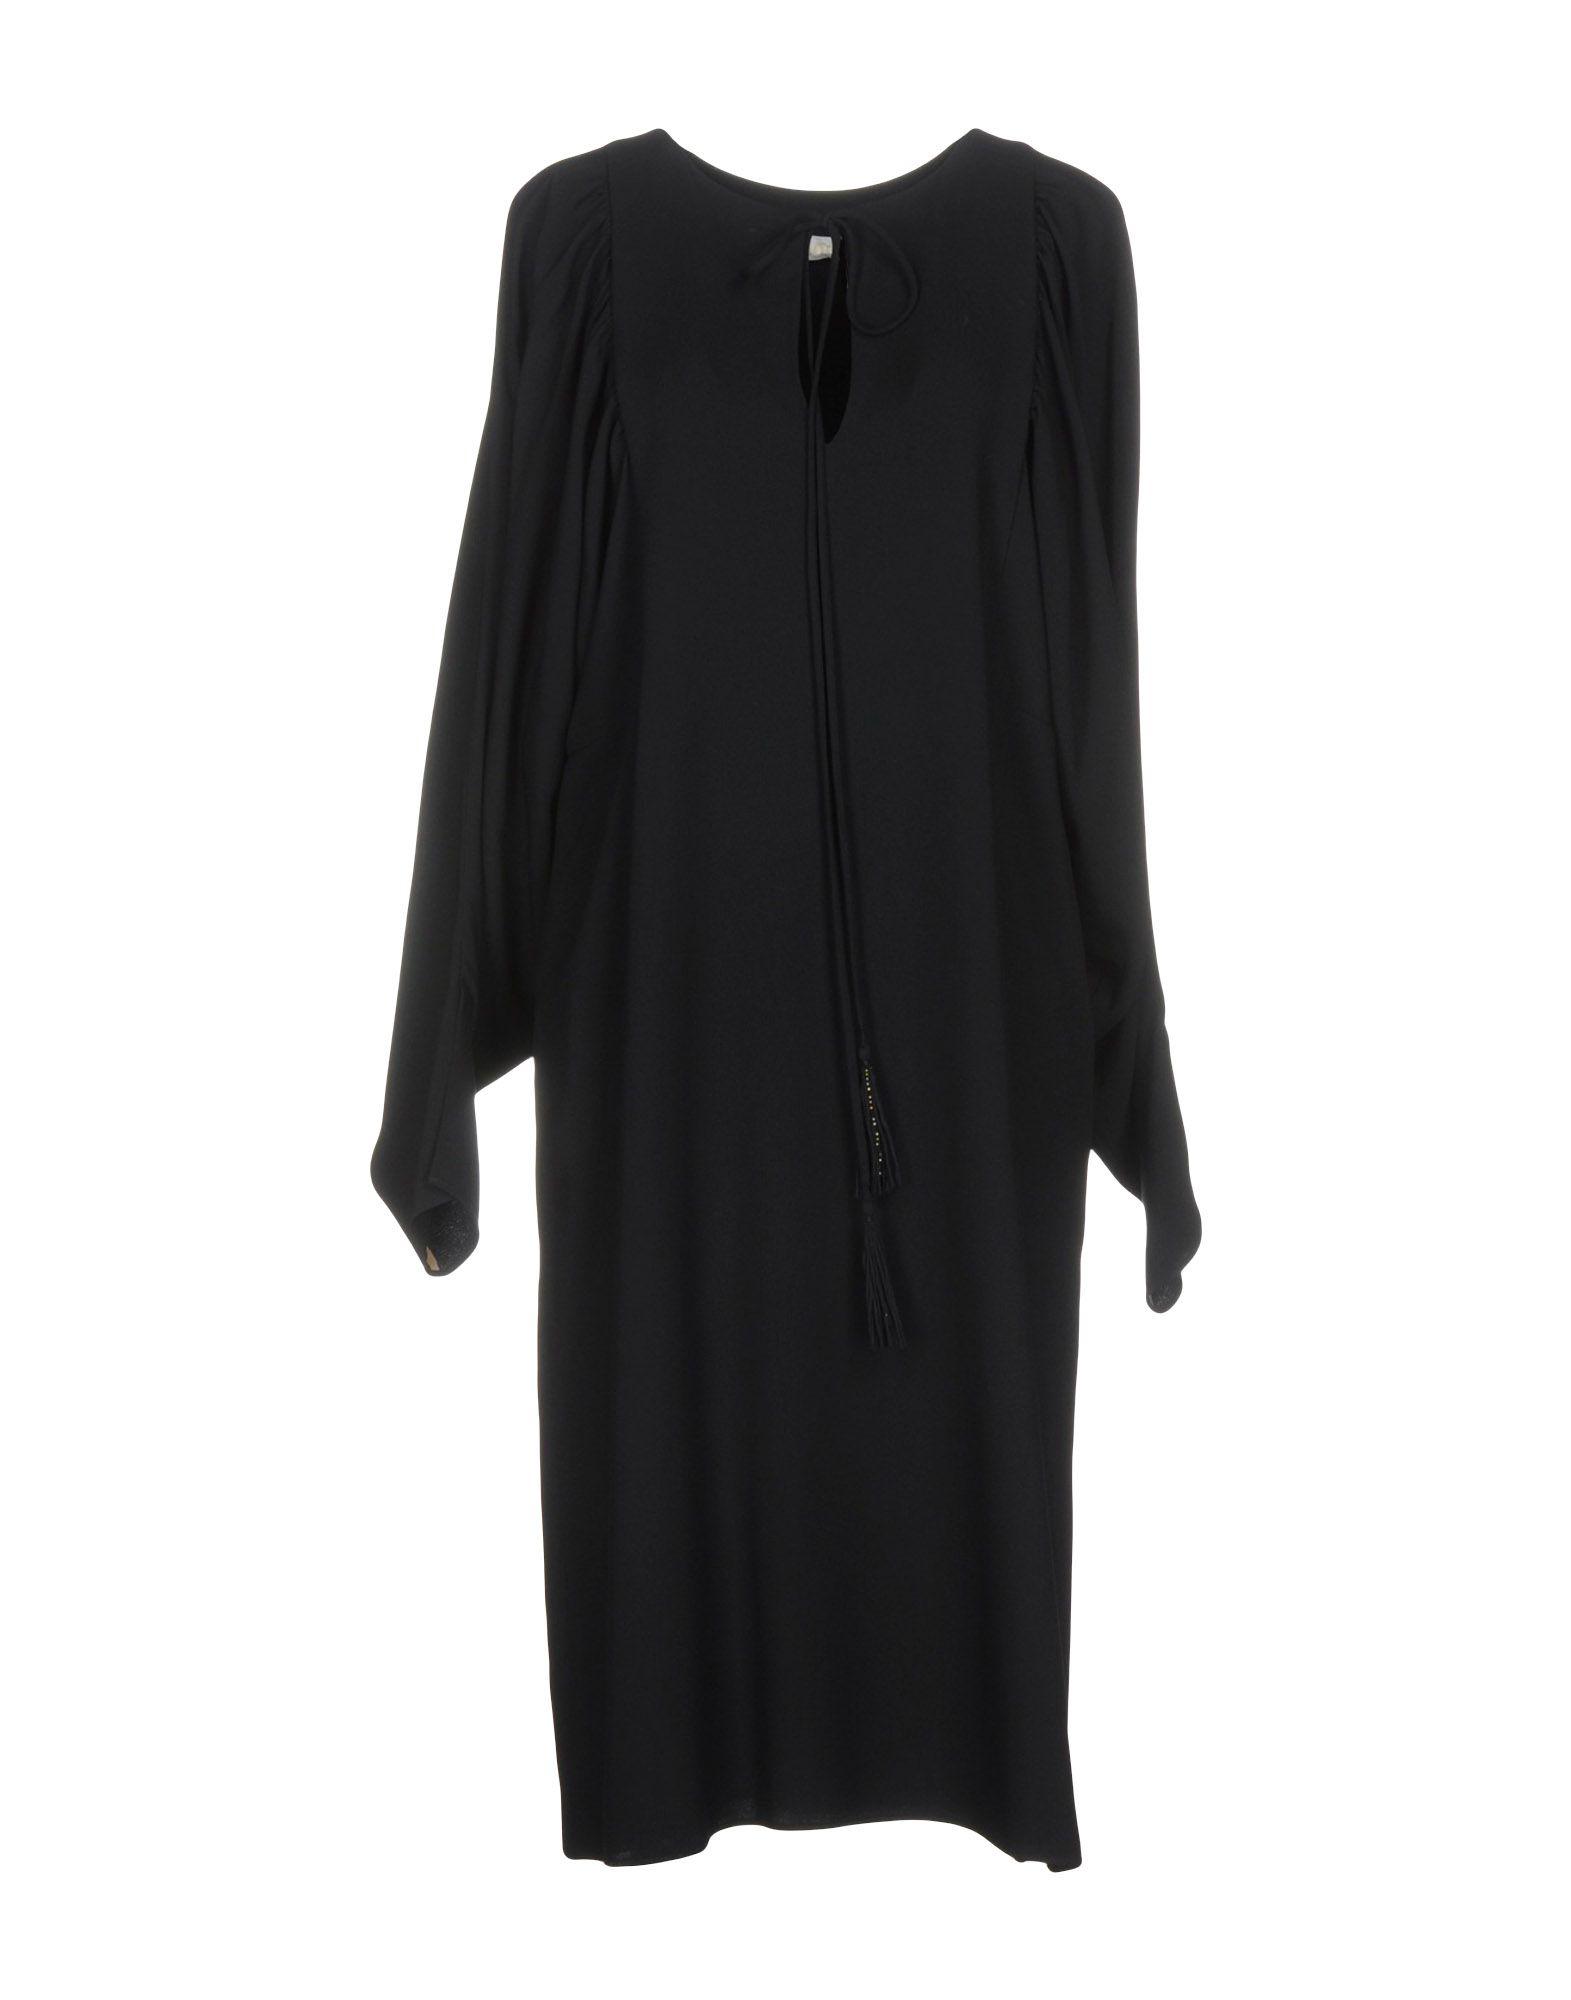 CHLOÉ Платье до колена купить ваз 21099 в уфе цена до 25000